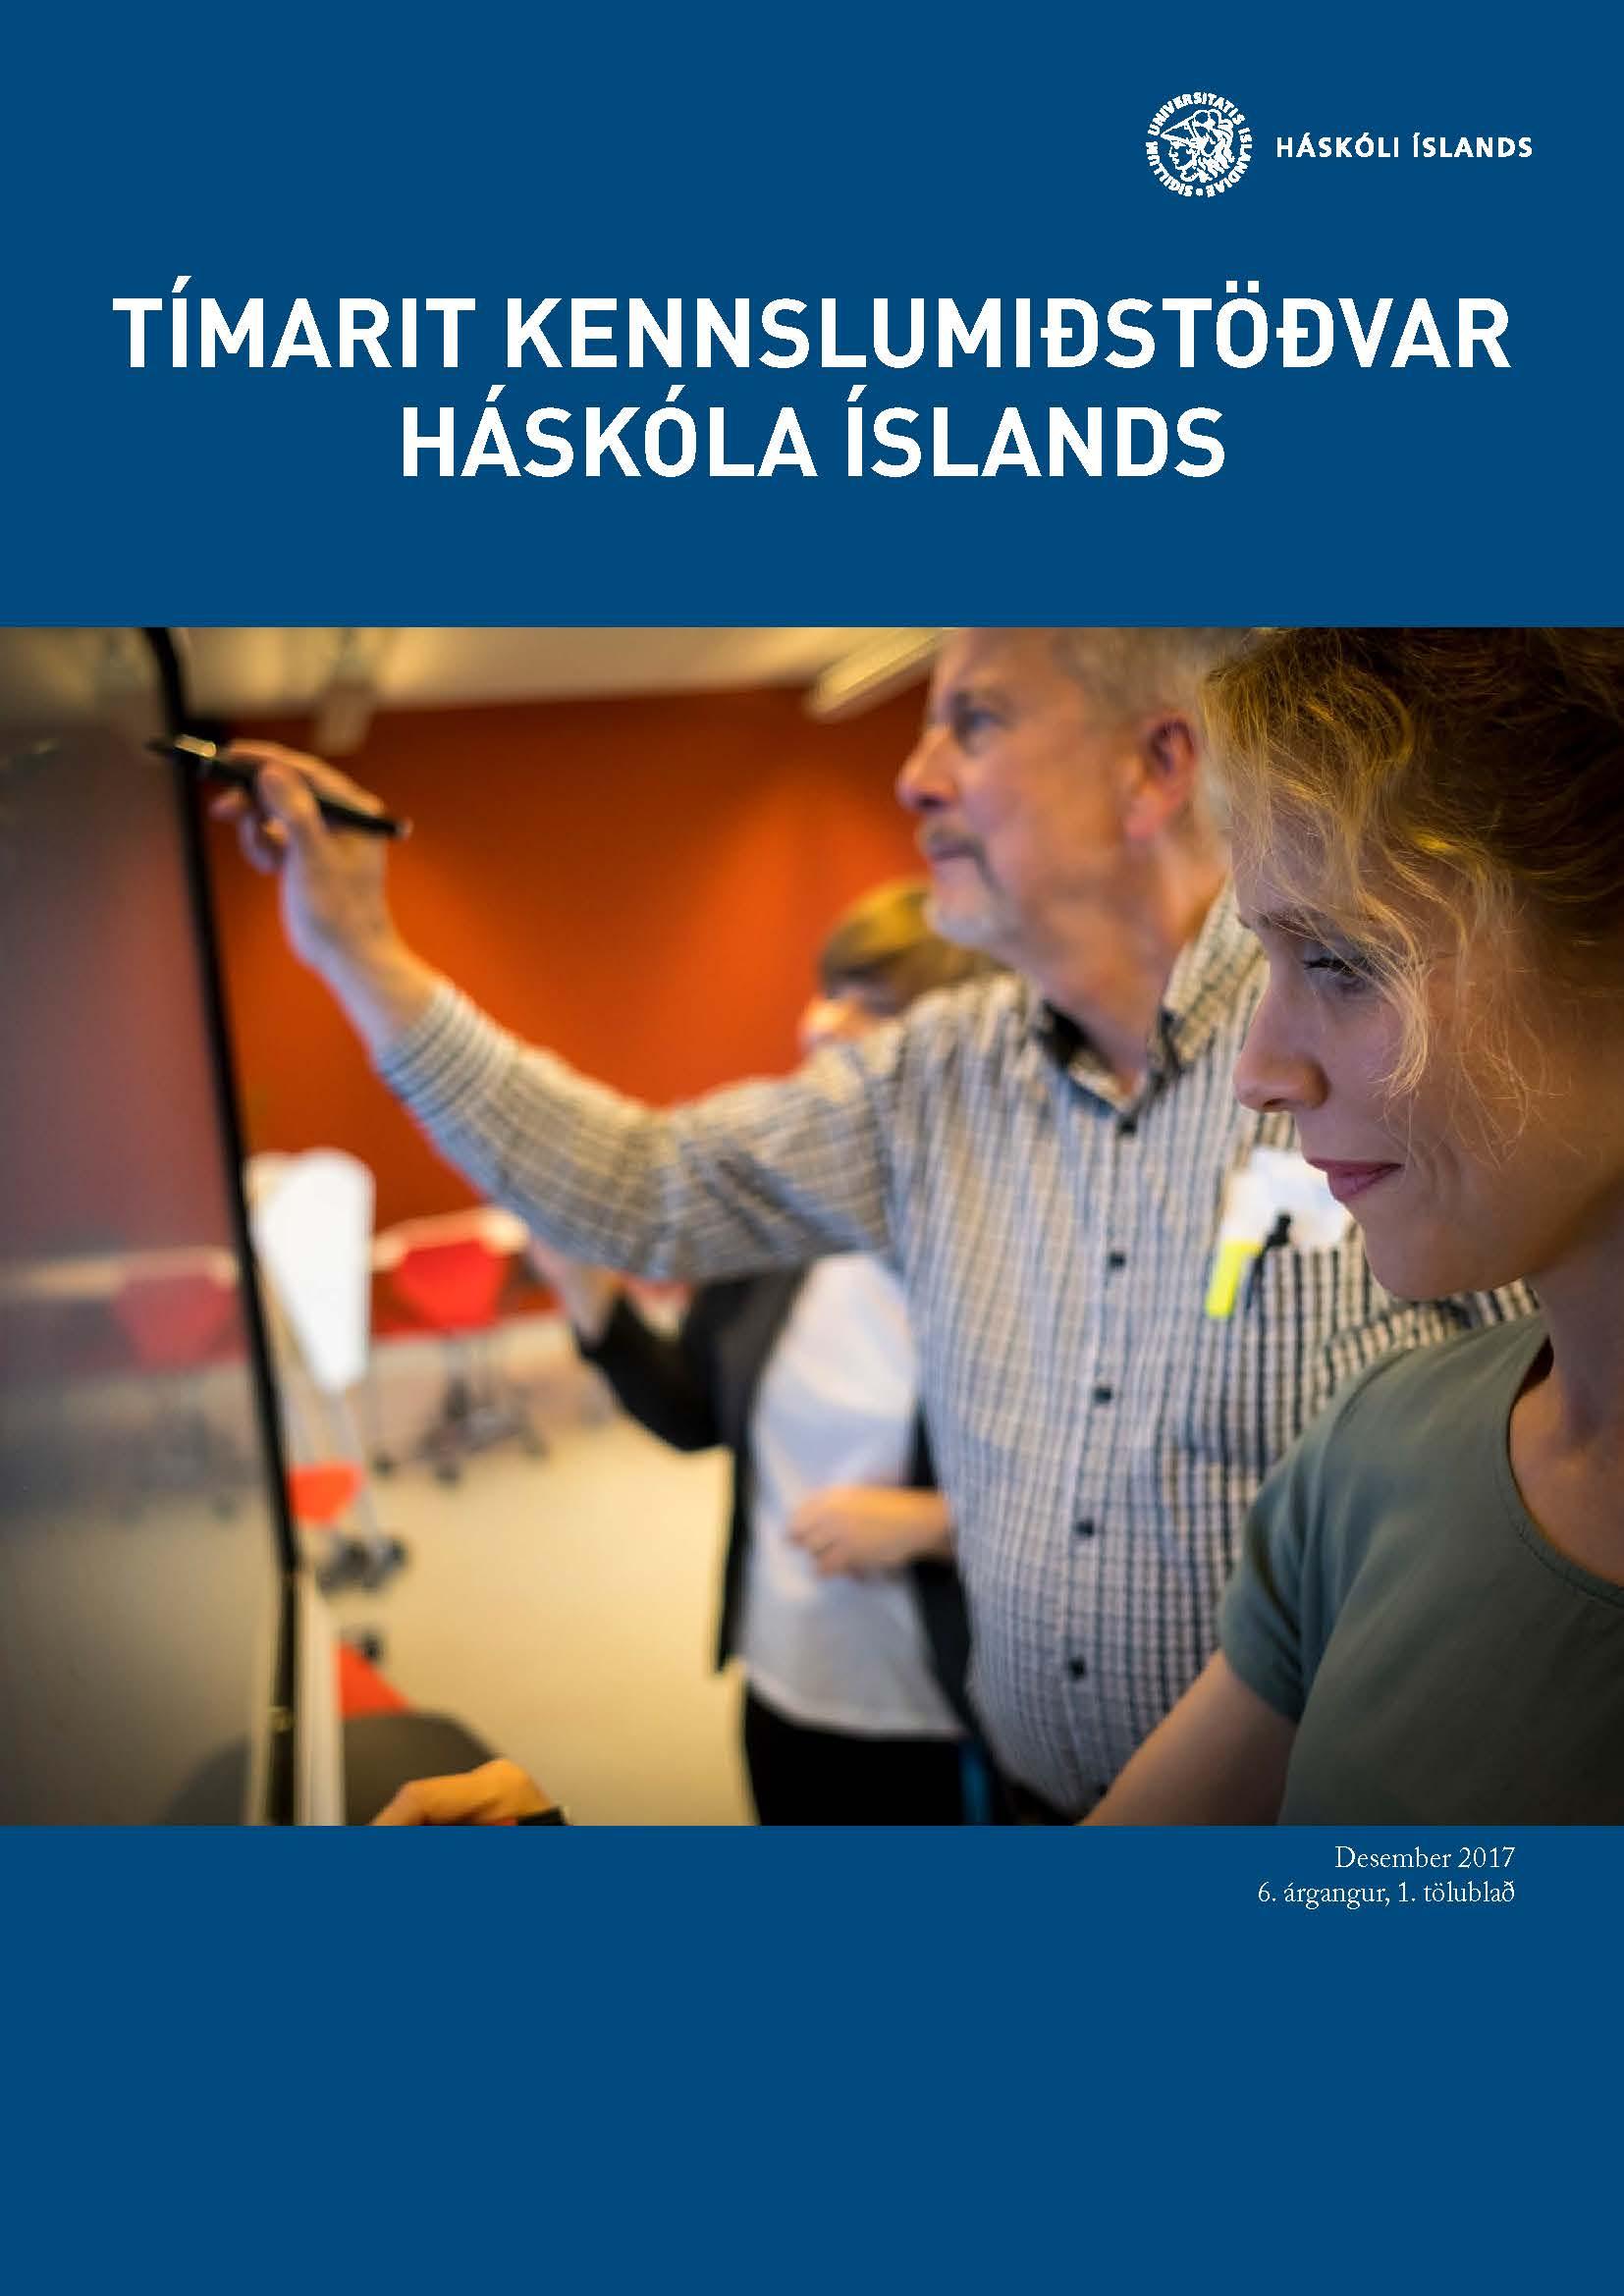 Forsíða Tímarits Kennslumiðstöðvar Háskóla íslands árið 2017